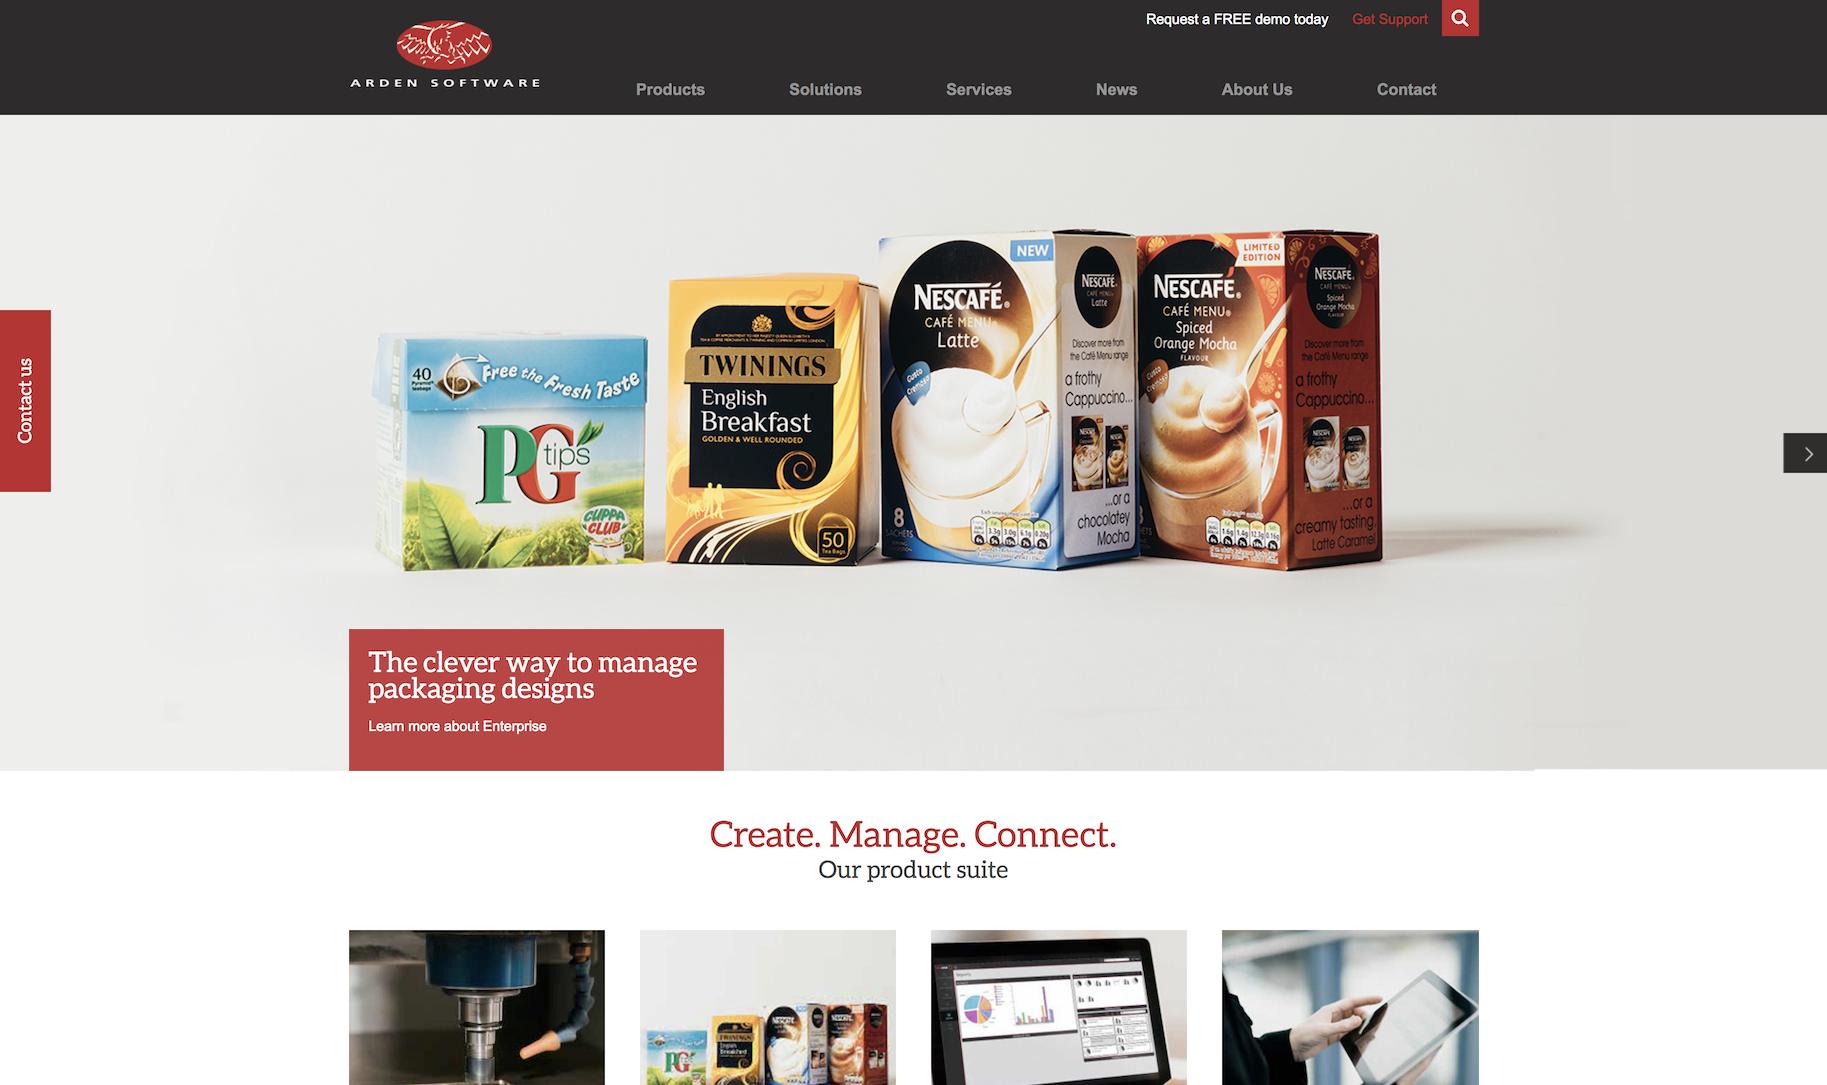 Arden Software unveils new website